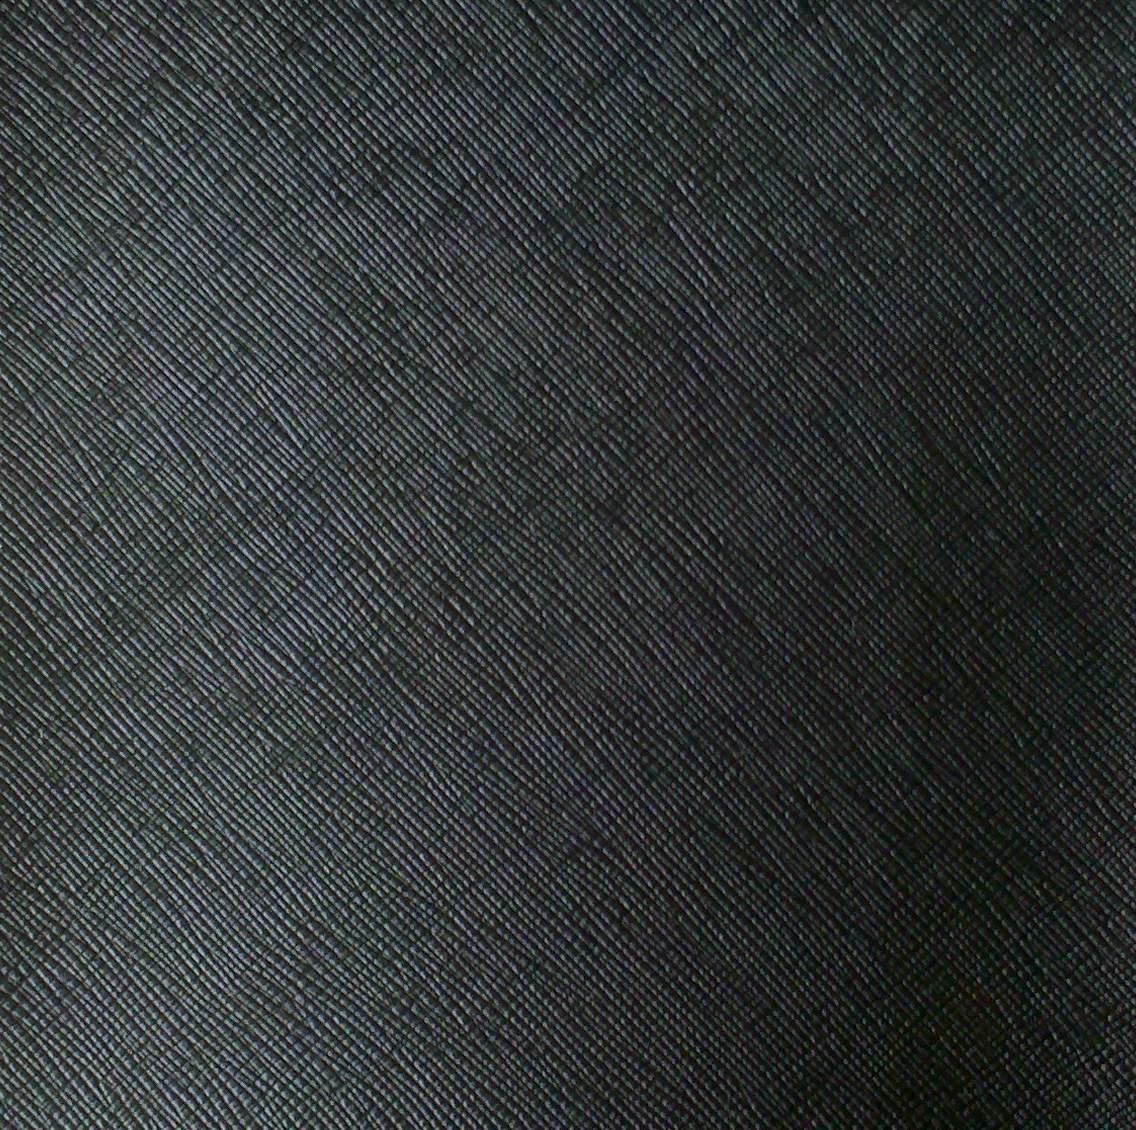 PVC ubd80ub300 uac00uc8fd 184 u2013 PVC ubd80ub300 uac00uc8fd 184uc5d0 uc758ud574 uc81cuacf5 ...